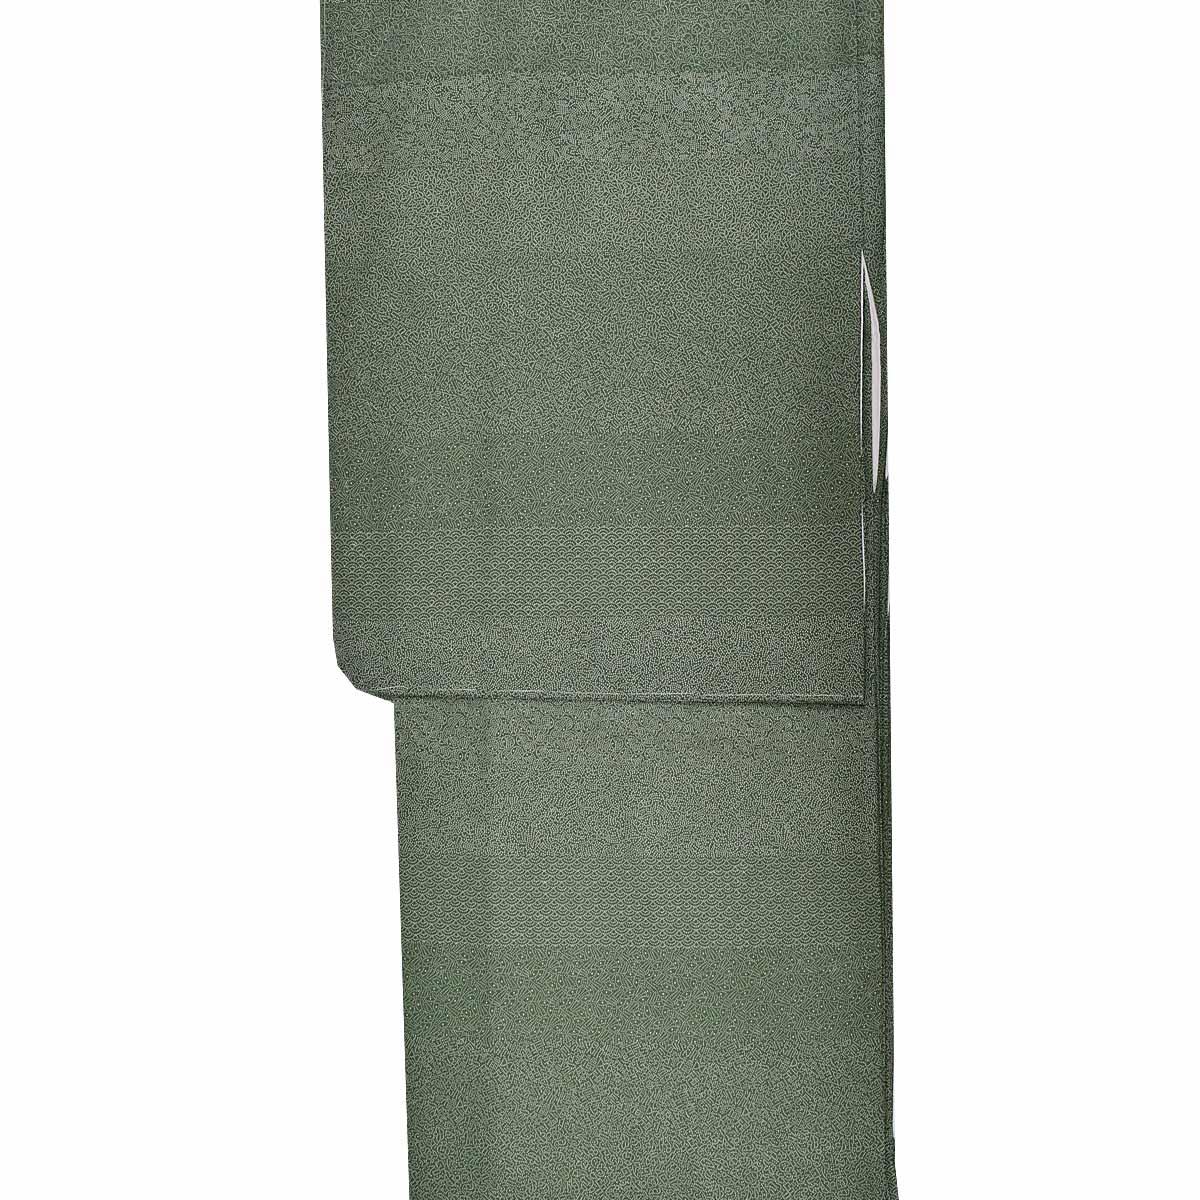 【裂取り】洗える 袷 江戸小紋 単品【M寸】洗える着物 普段着 小紋 緑番号c1105-6a